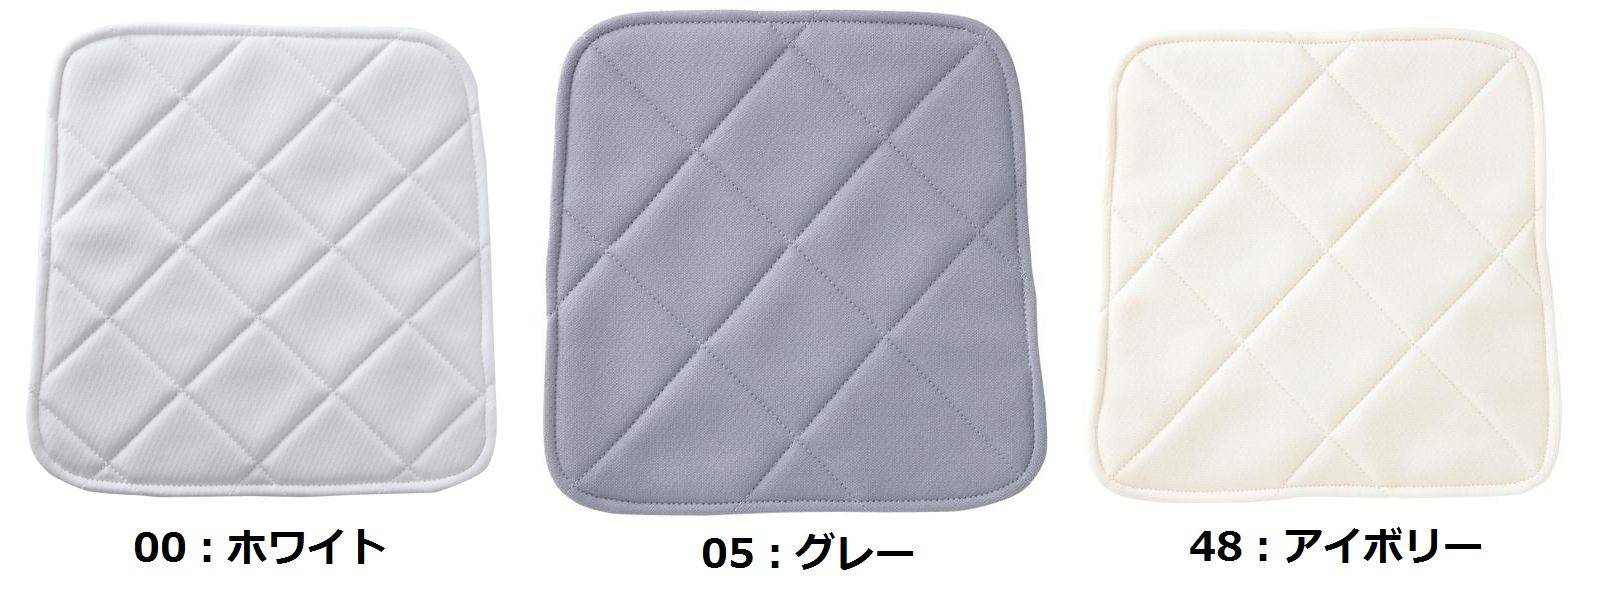 【MIZUNO】 【Mizuno=ミズノ】野球 ベースボール BASEBALL ソフトボール SOFTBALL ユニフォームパンツ用縫着取り付けパッド[ヒップパッド(縫着)大](1枚入り)[00:ホワイト/05:グレー/48:アイボリー]尻用パッド